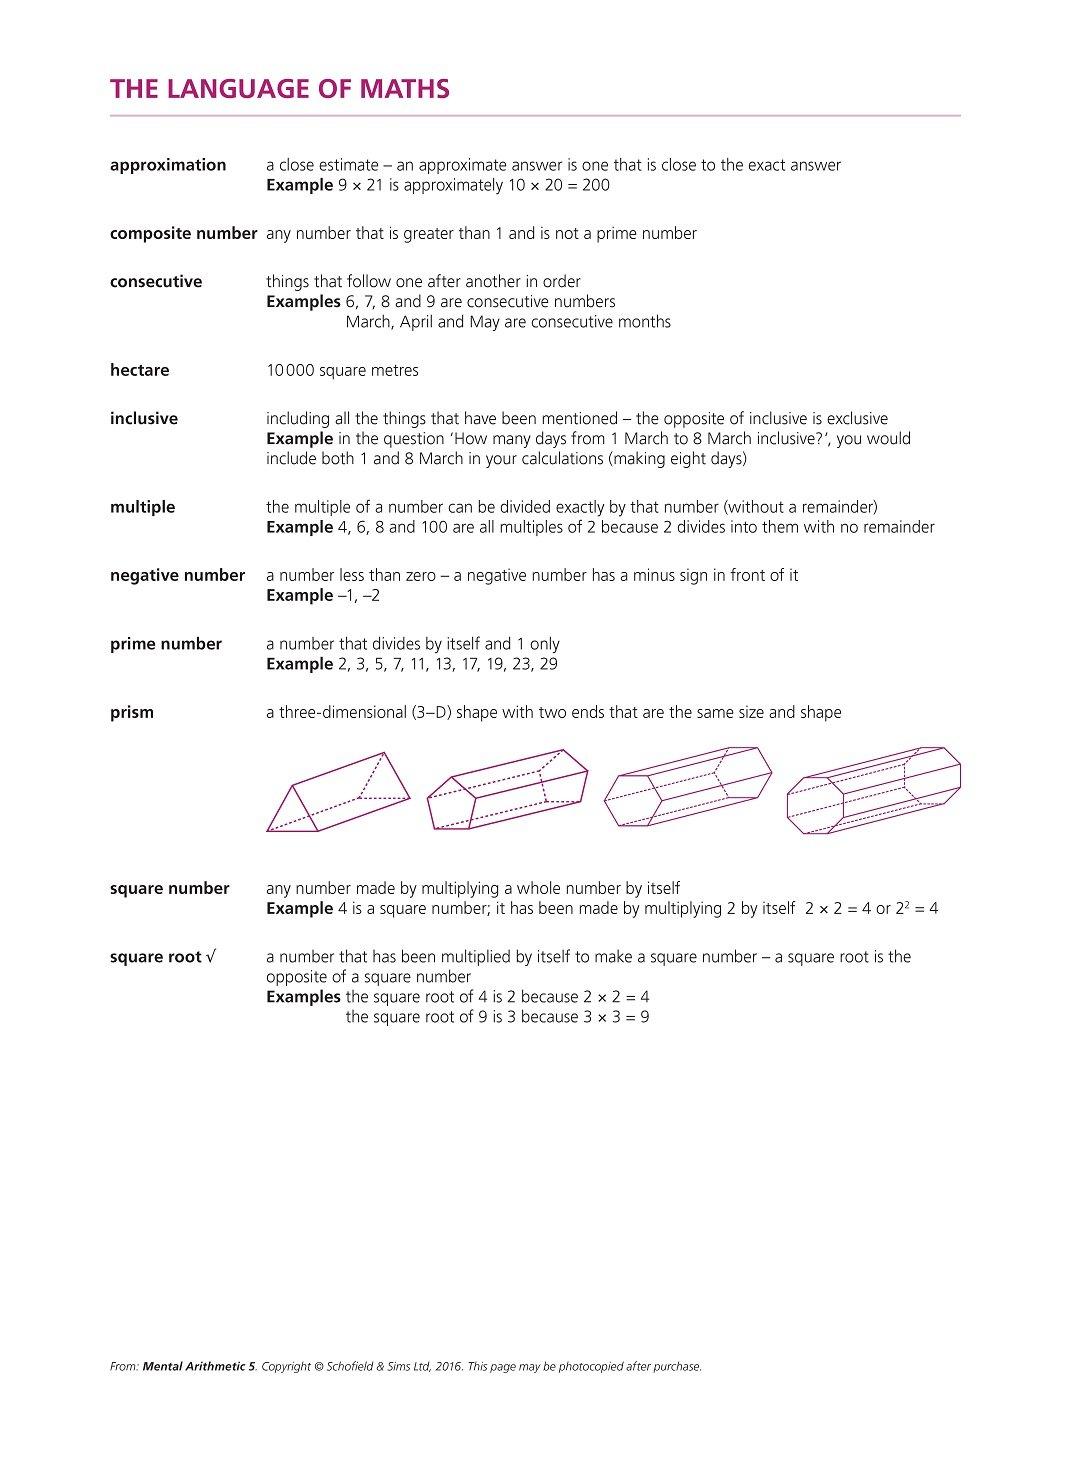 Mental arithmetic book 5 bk5 r goddard t 9780721708034 mental arithmetic book 5 bk5 r goddard t 9780721708034 amazon books fandeluxe Gallery